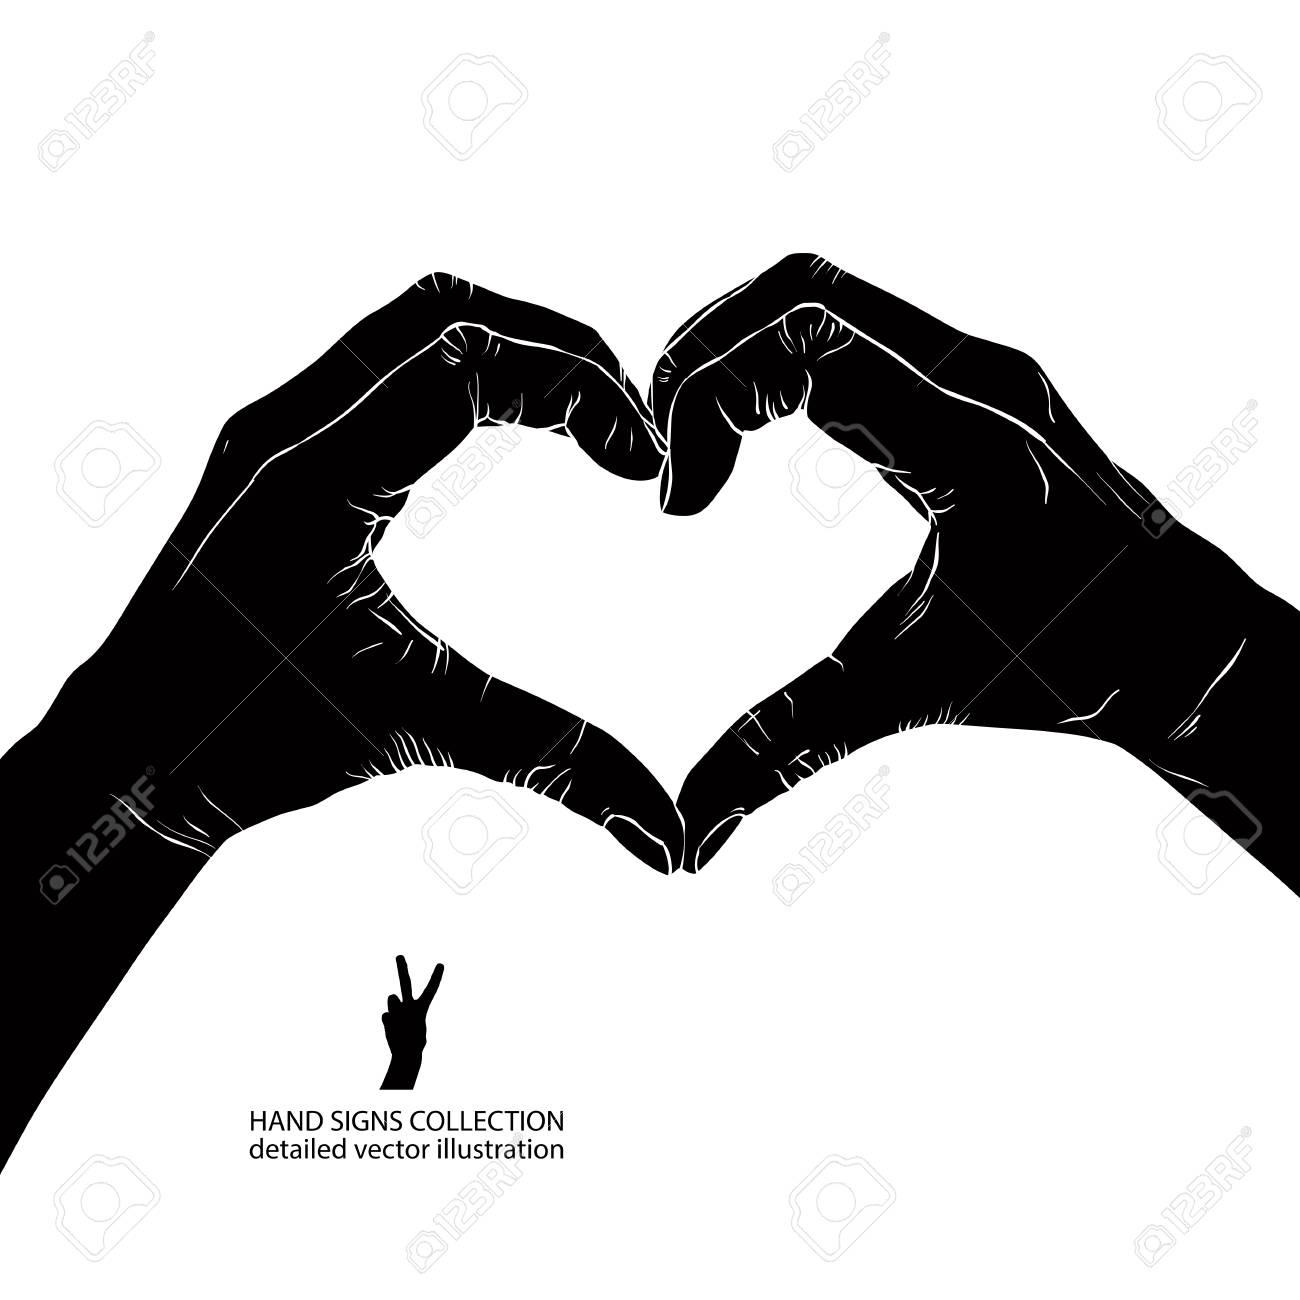 Image Coeur Noir Et Blanc mains sous forme de coeur, noir et blanc détaillé illustration